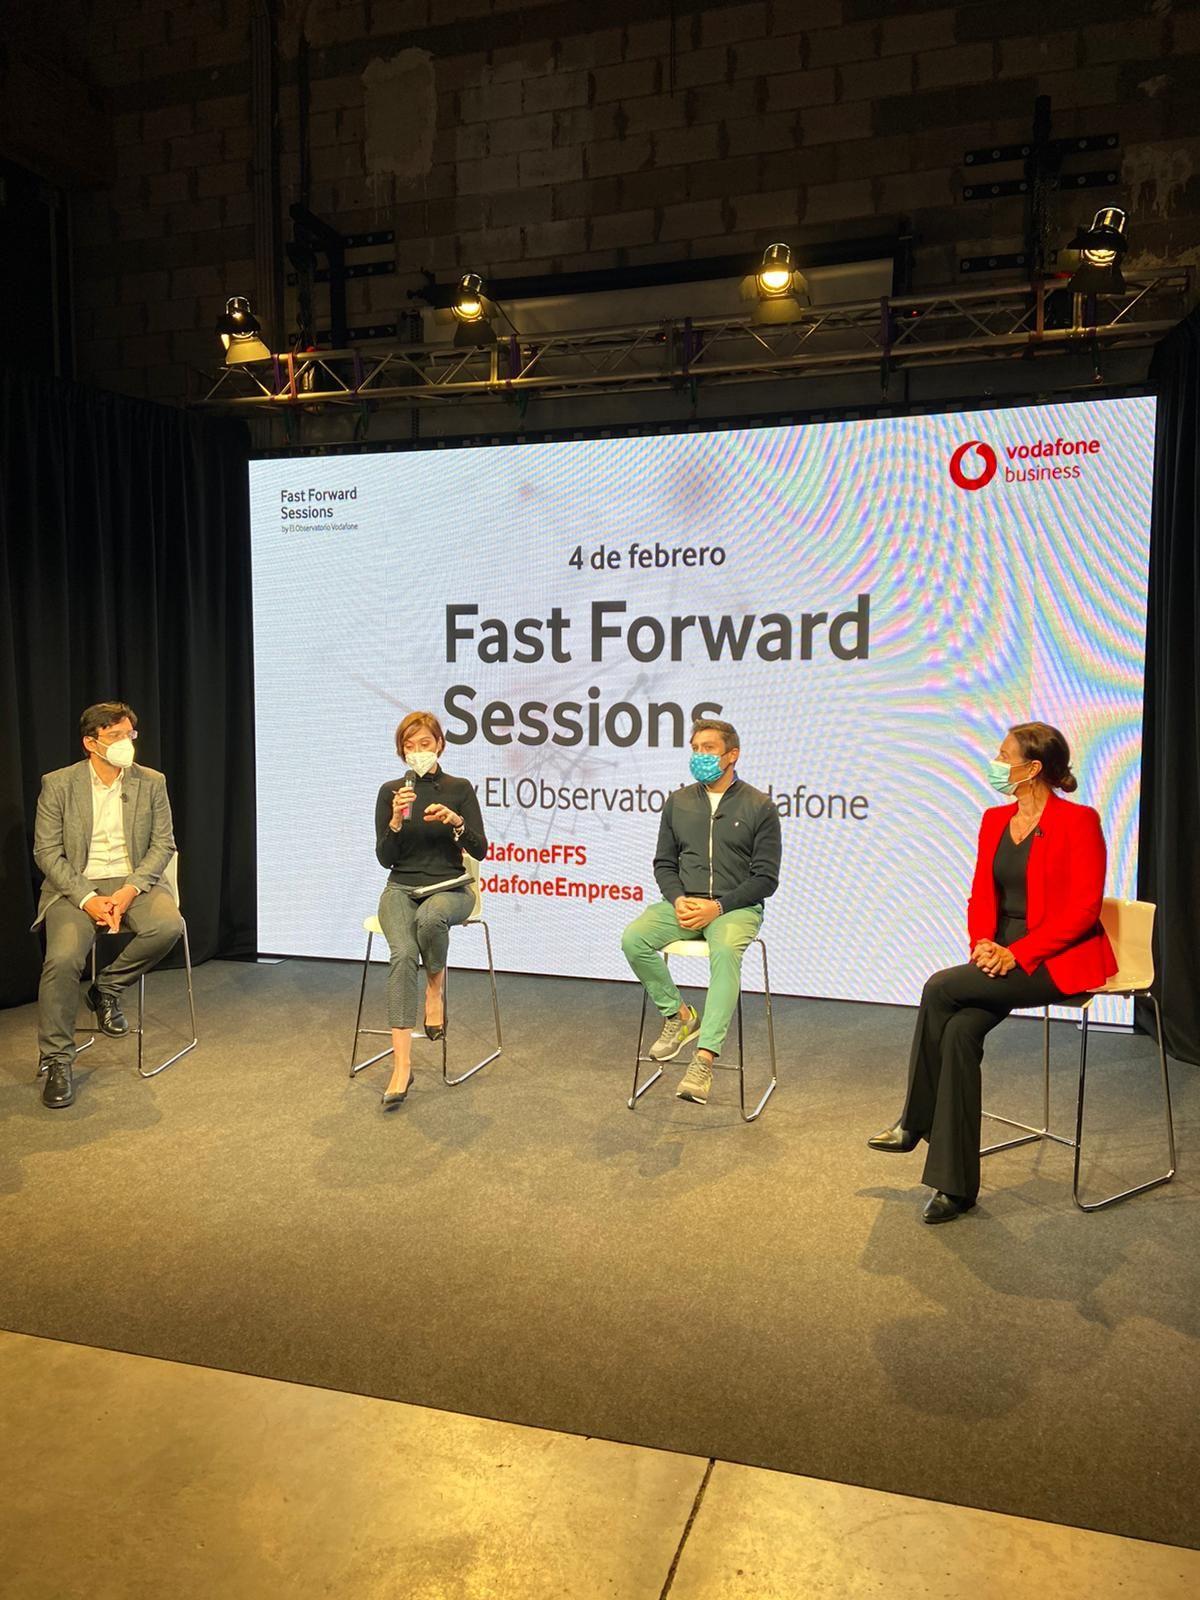 Los expertos de Fast Forward Sessions recomiendan la venta en plataformas digitales para la era post COVID